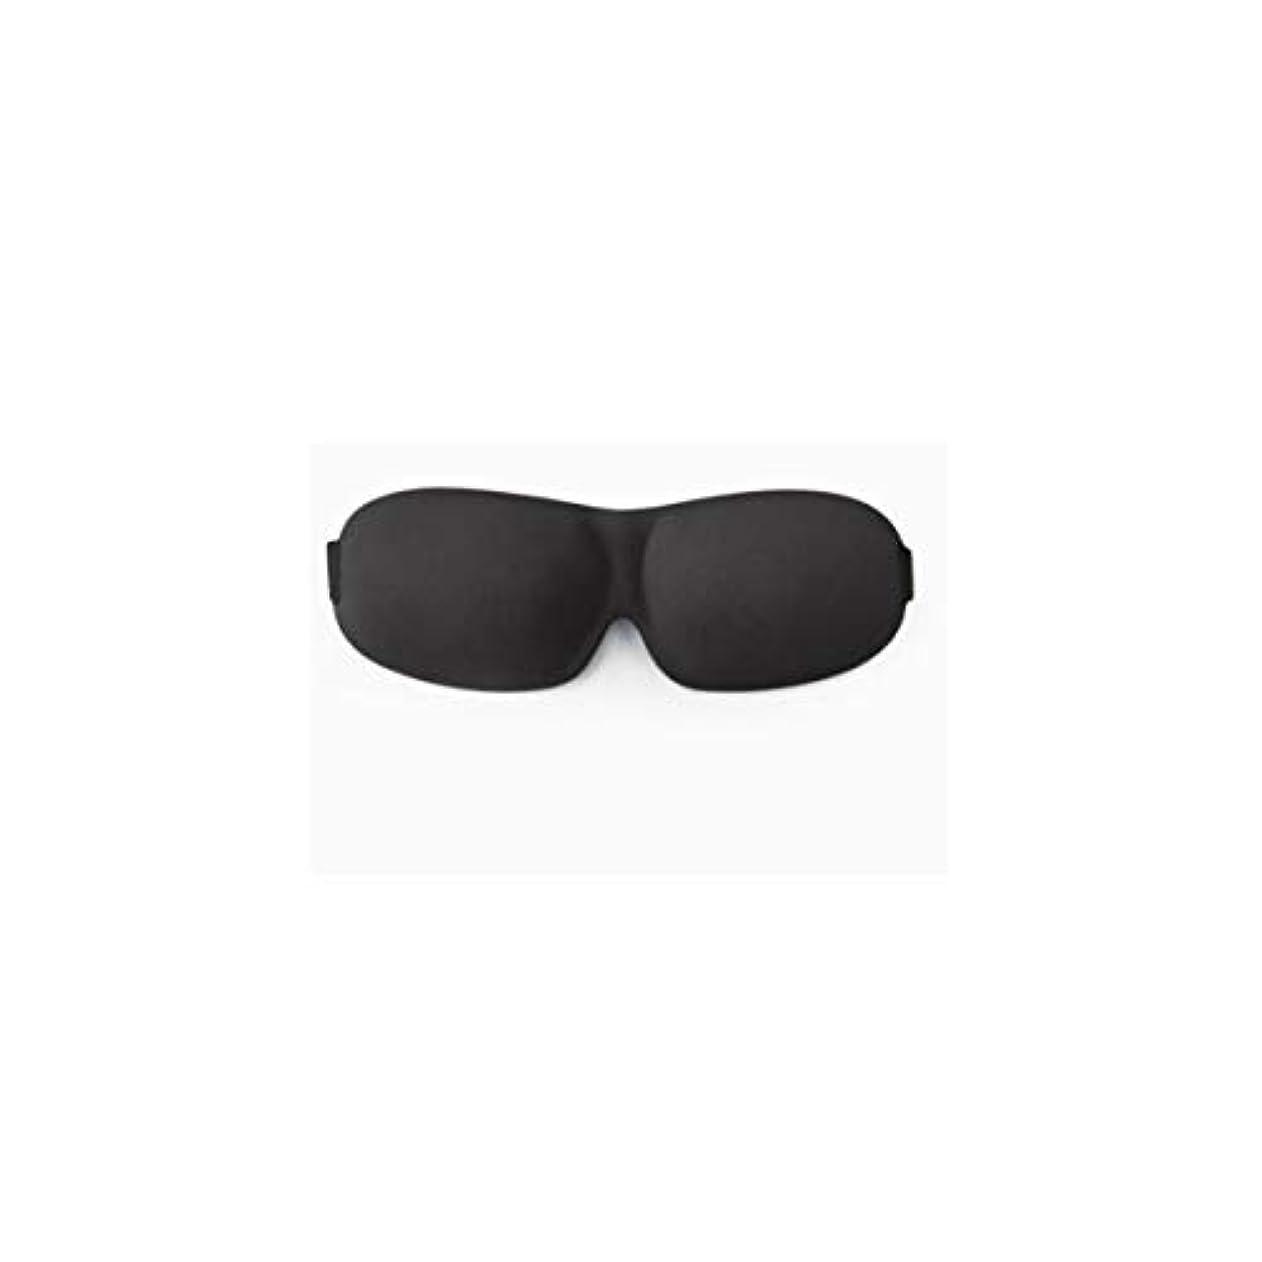 不安インターネット適度に快適な3D通気性の睡眠のアイマスク、男性と女性は快適で通気性の睡眠の睡眠のマスクをシェード (Color : Black)